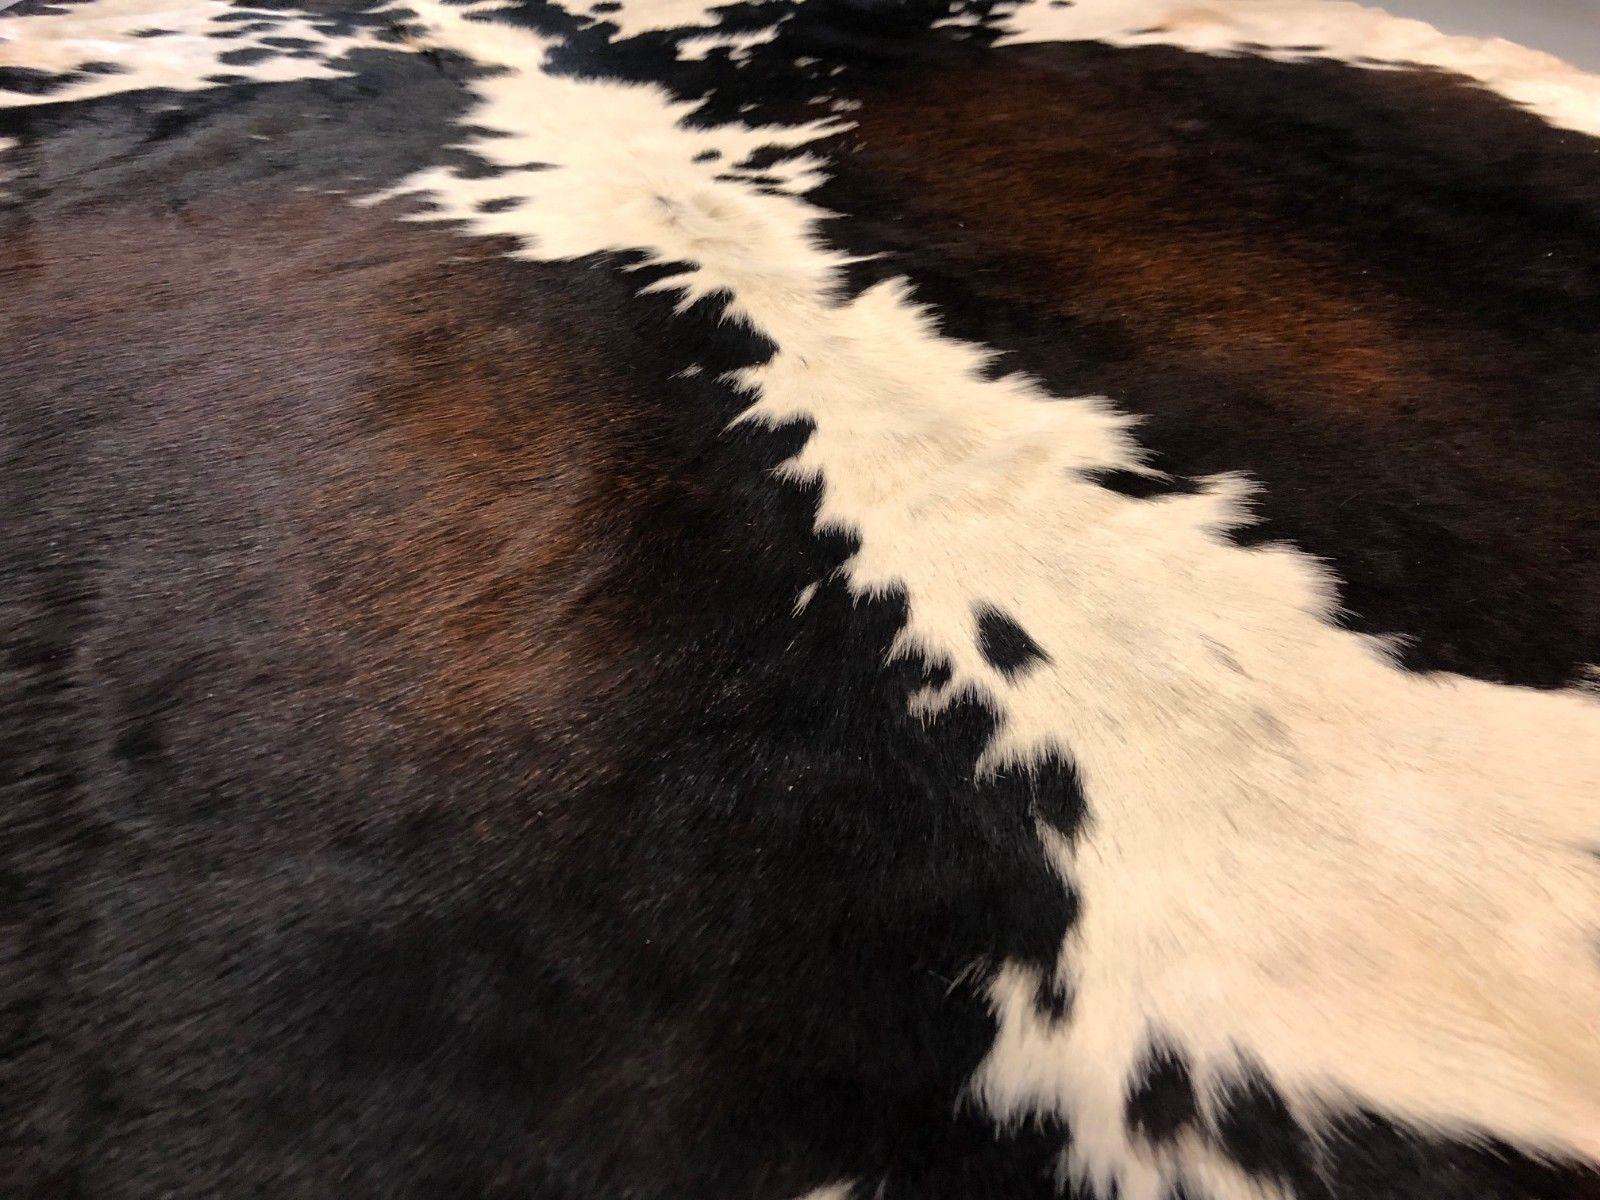 Medium Tricolor Cow hide Rug Natural Hair on Cowhide Print Skin Area Rug 22 sqft